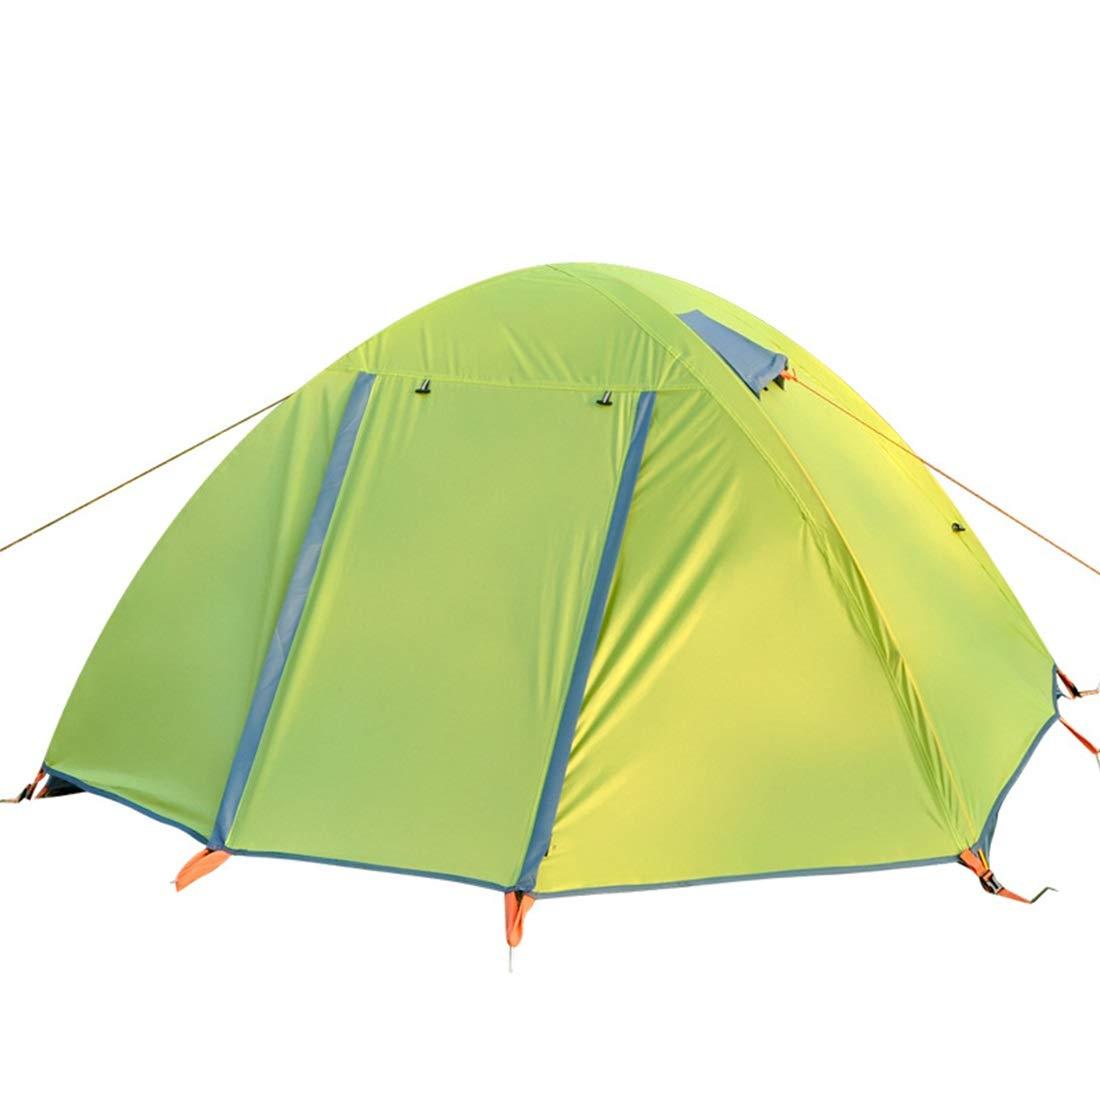 Olprkgdg 2-Personen-Zelt für wildes Abenteuer-Camping im Freien (Farbe : Grün)